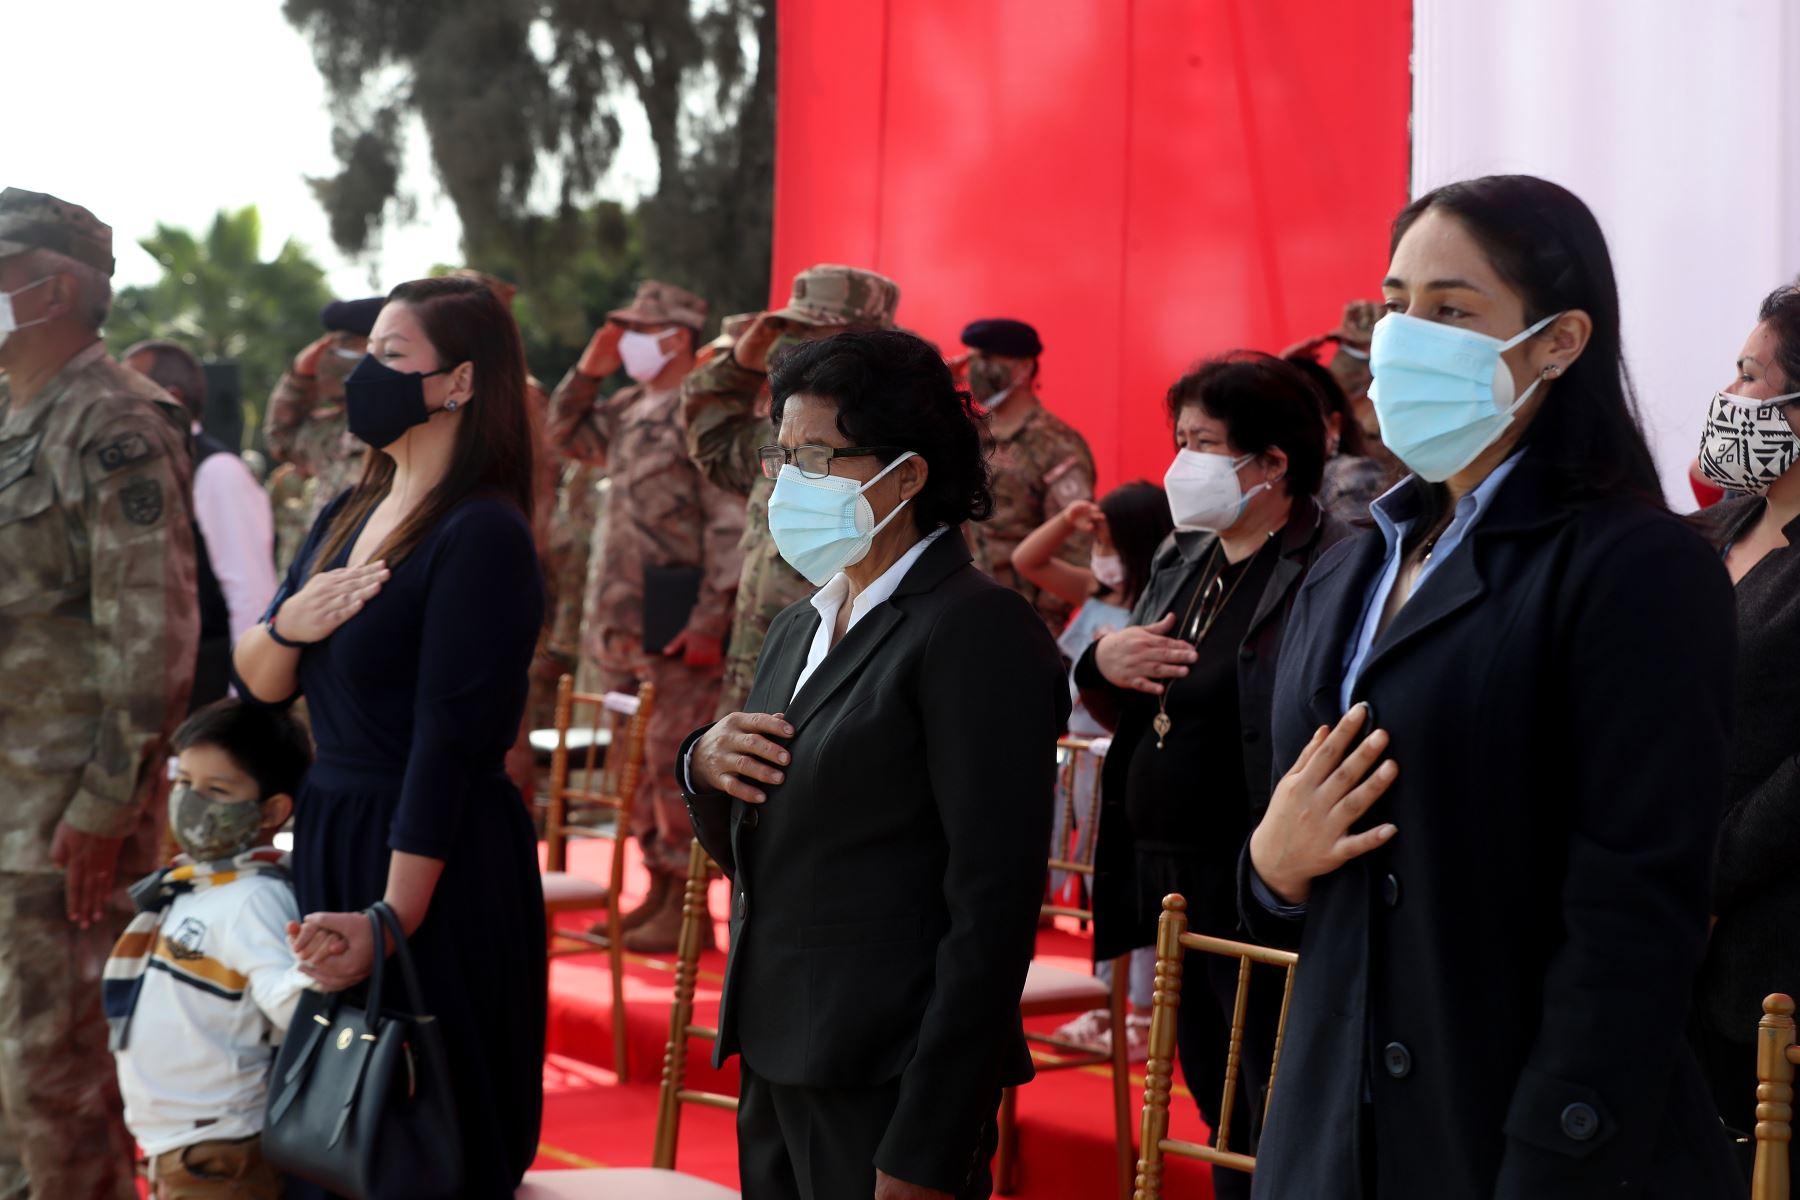 La ministra de Defensa, Nuria Esparch, participó en ceremonia de distinción a los valientes miembros de las Fuerzas Armadas que demostraron valor y sacrificio durante la operación Ojo de Águila. Foto: ANDINA/Mindef